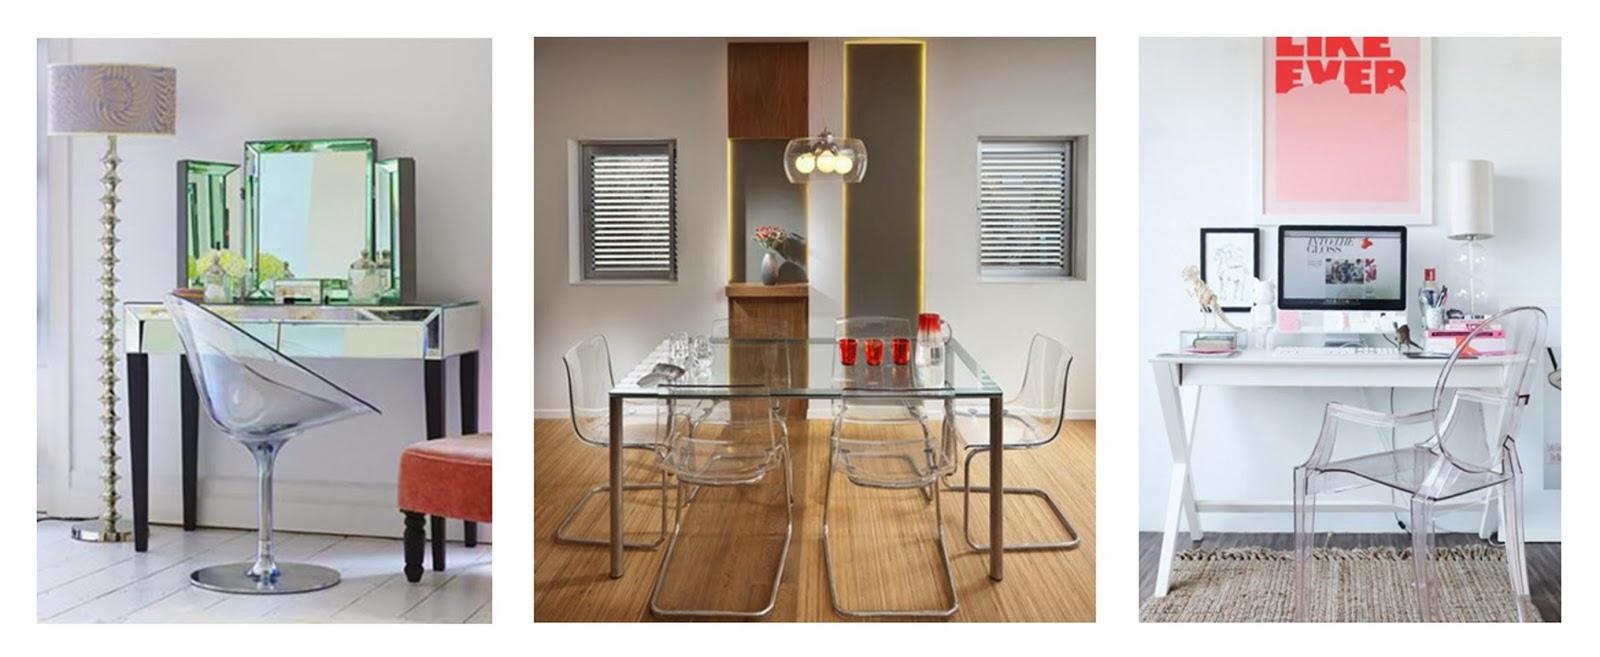 Поразительные прозрачные стулья в интерьере